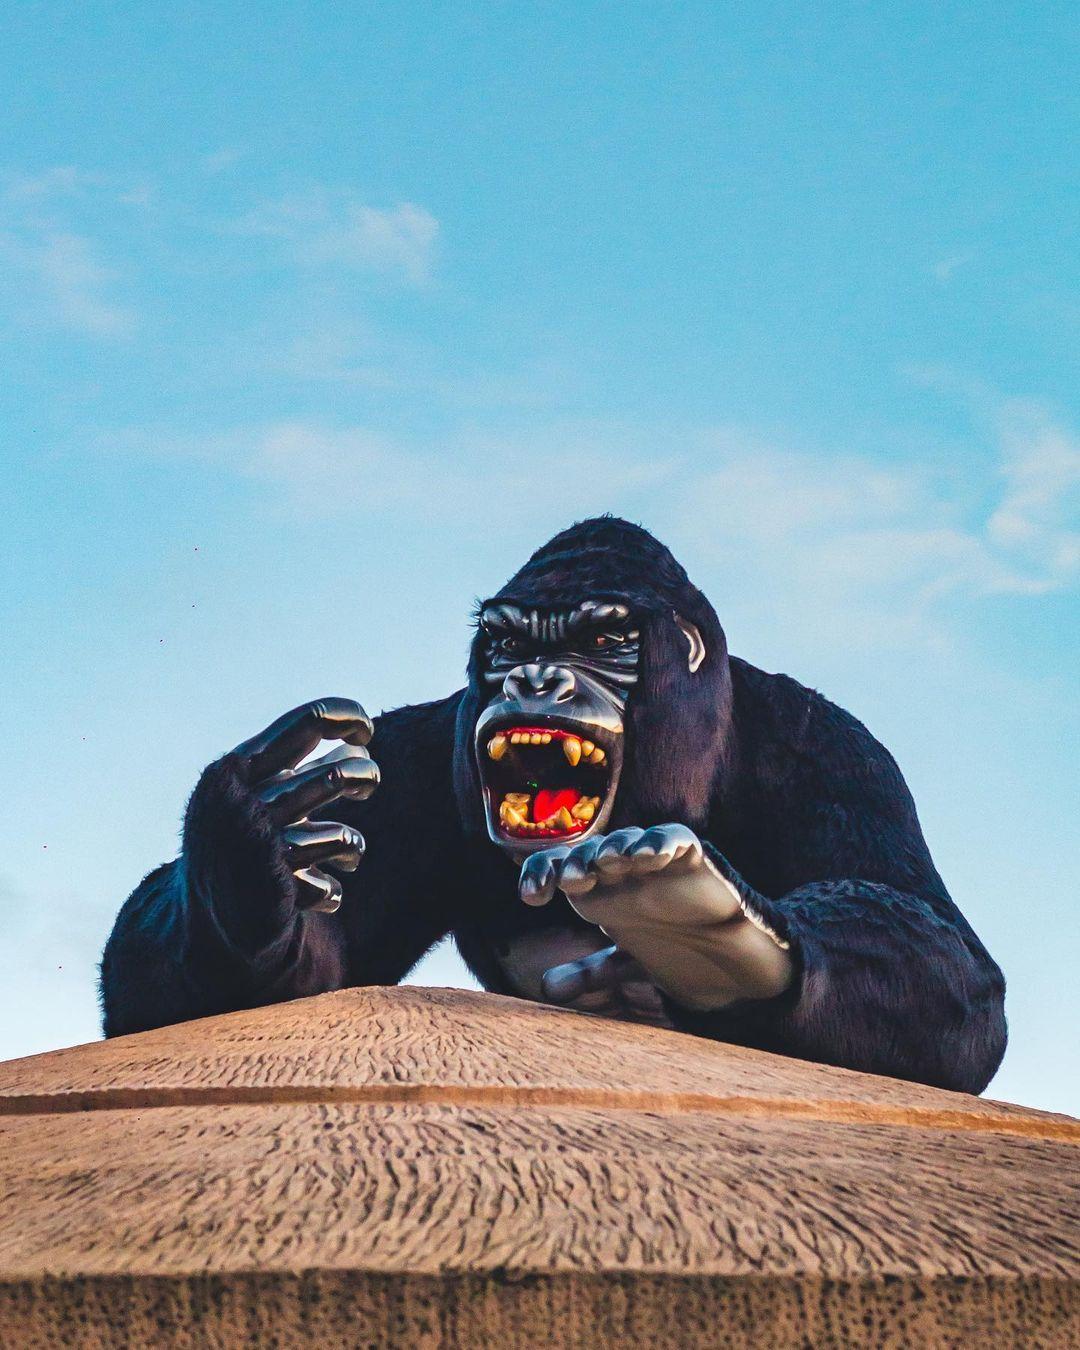 A imagem mostra a estátua de Gorila presente no Beto Carrero World